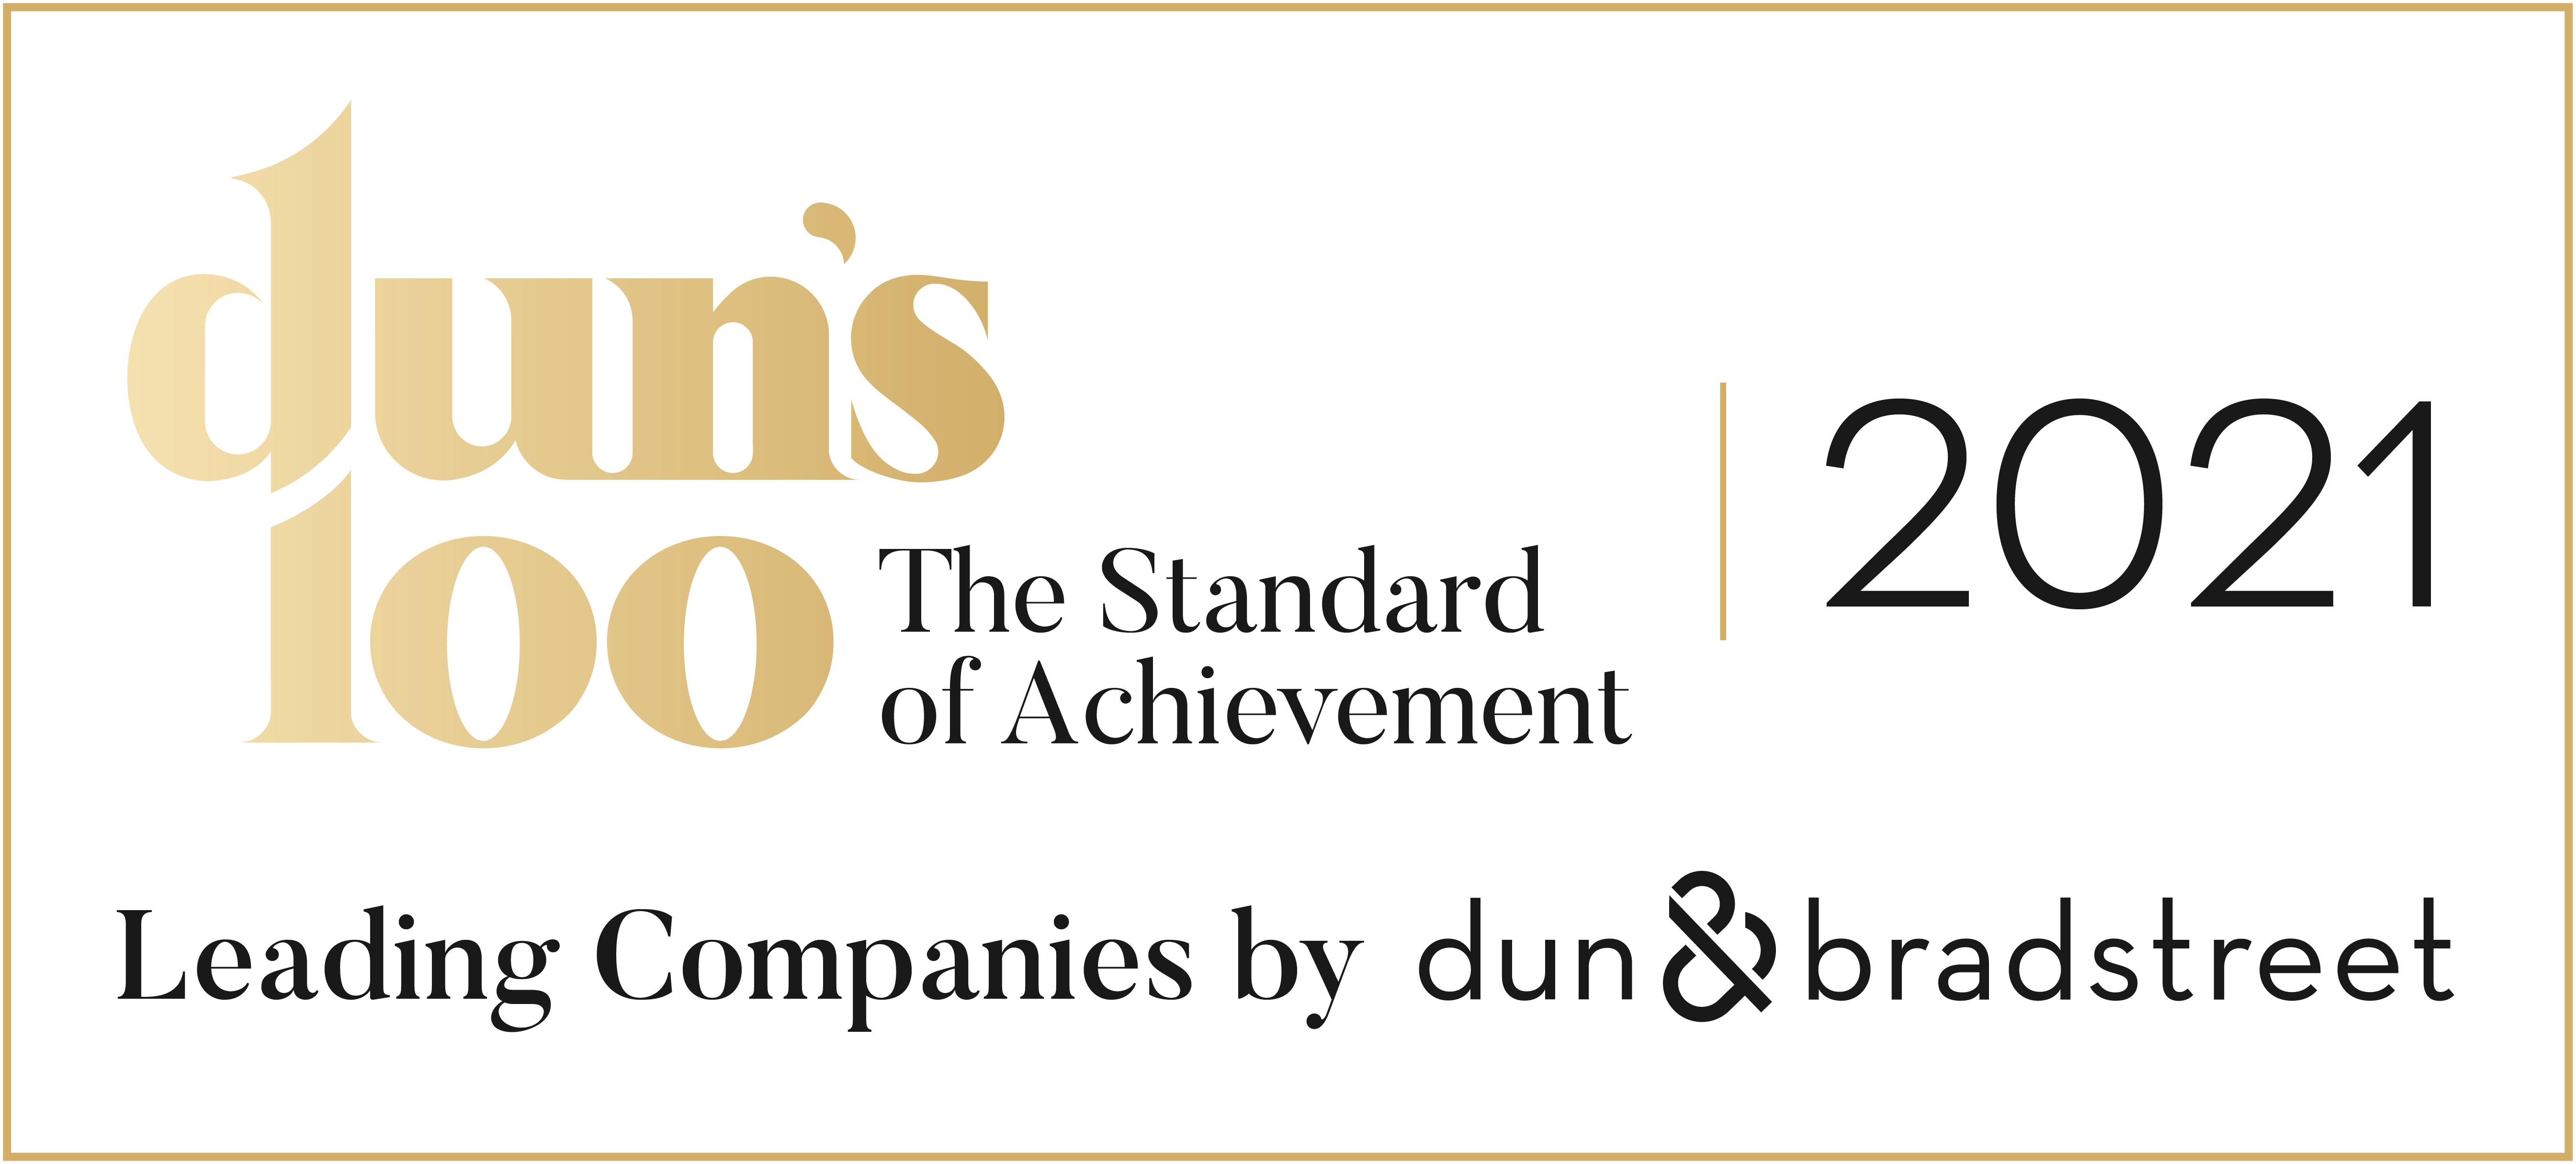 משרדנו DLR, נכנס לדירוג היוקרתי של משרדי עורכי דין Dun's 100 בתחום ההייטק לשנת 2021